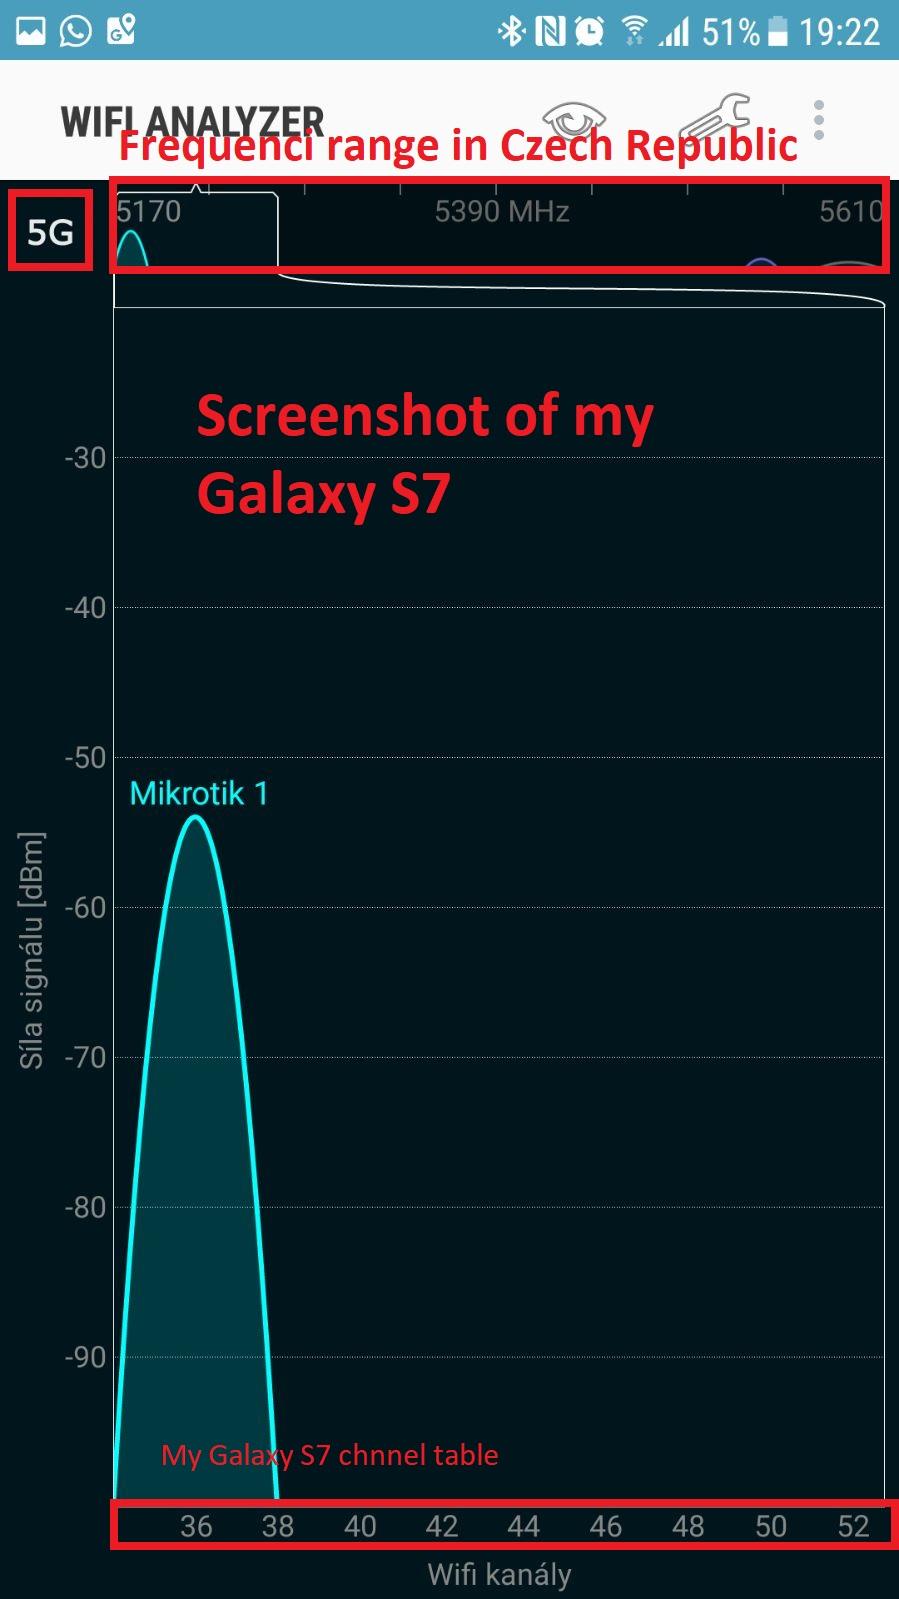 Screenshot running WiFi scaner on my phone